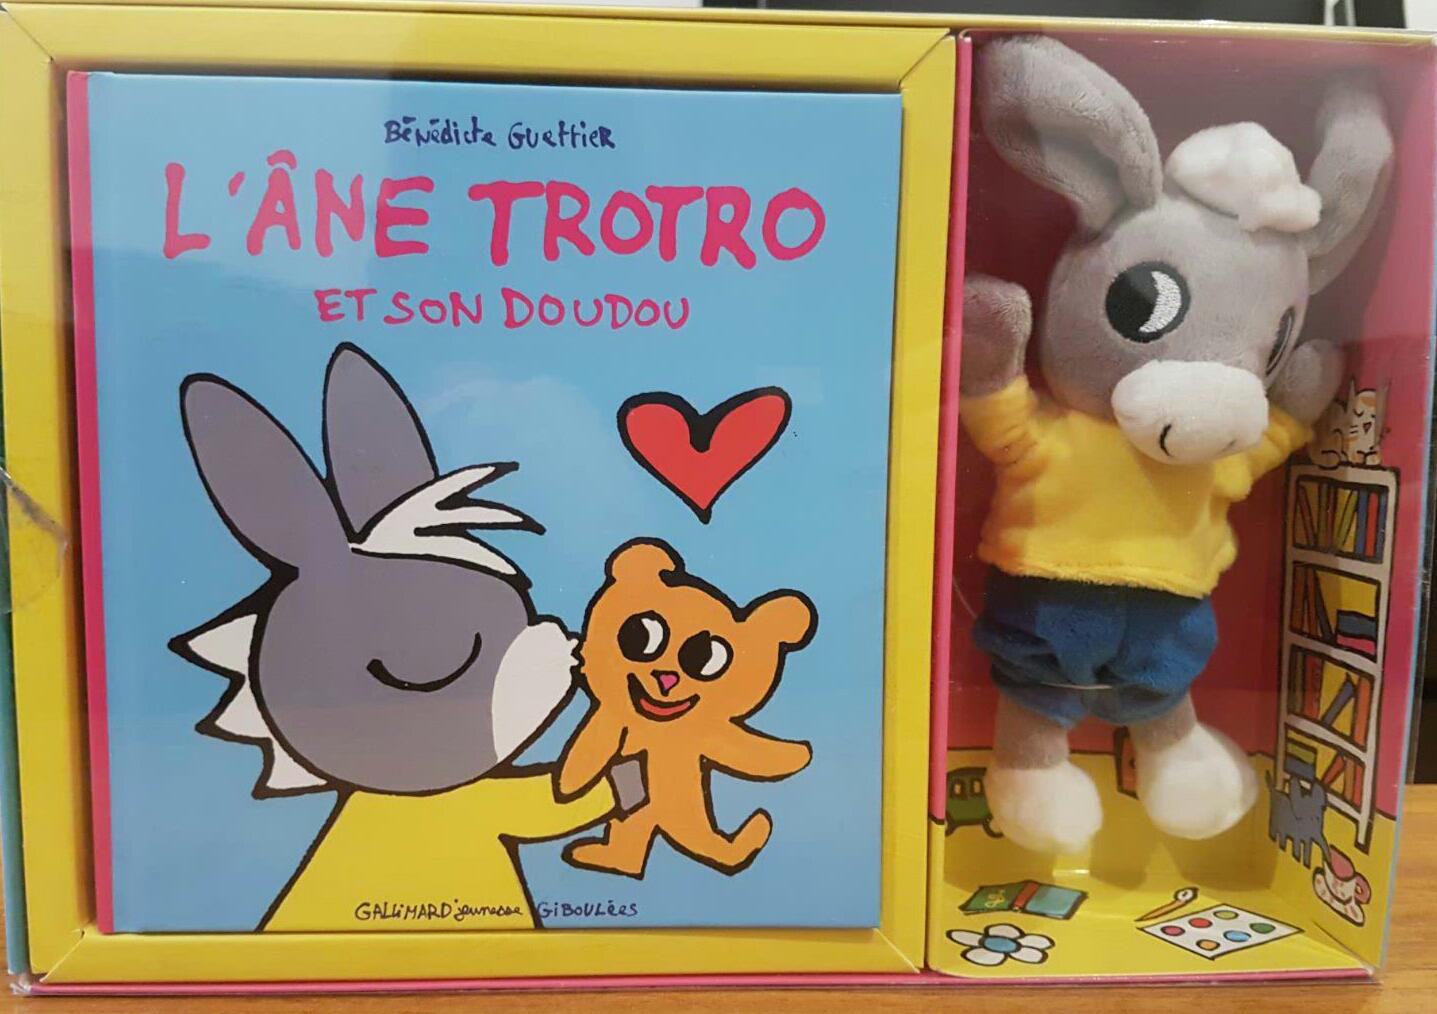 Français Pour Loulous: Le Doudou De Trotro - Trotro's Teddy pour Doudou Ane Trotro